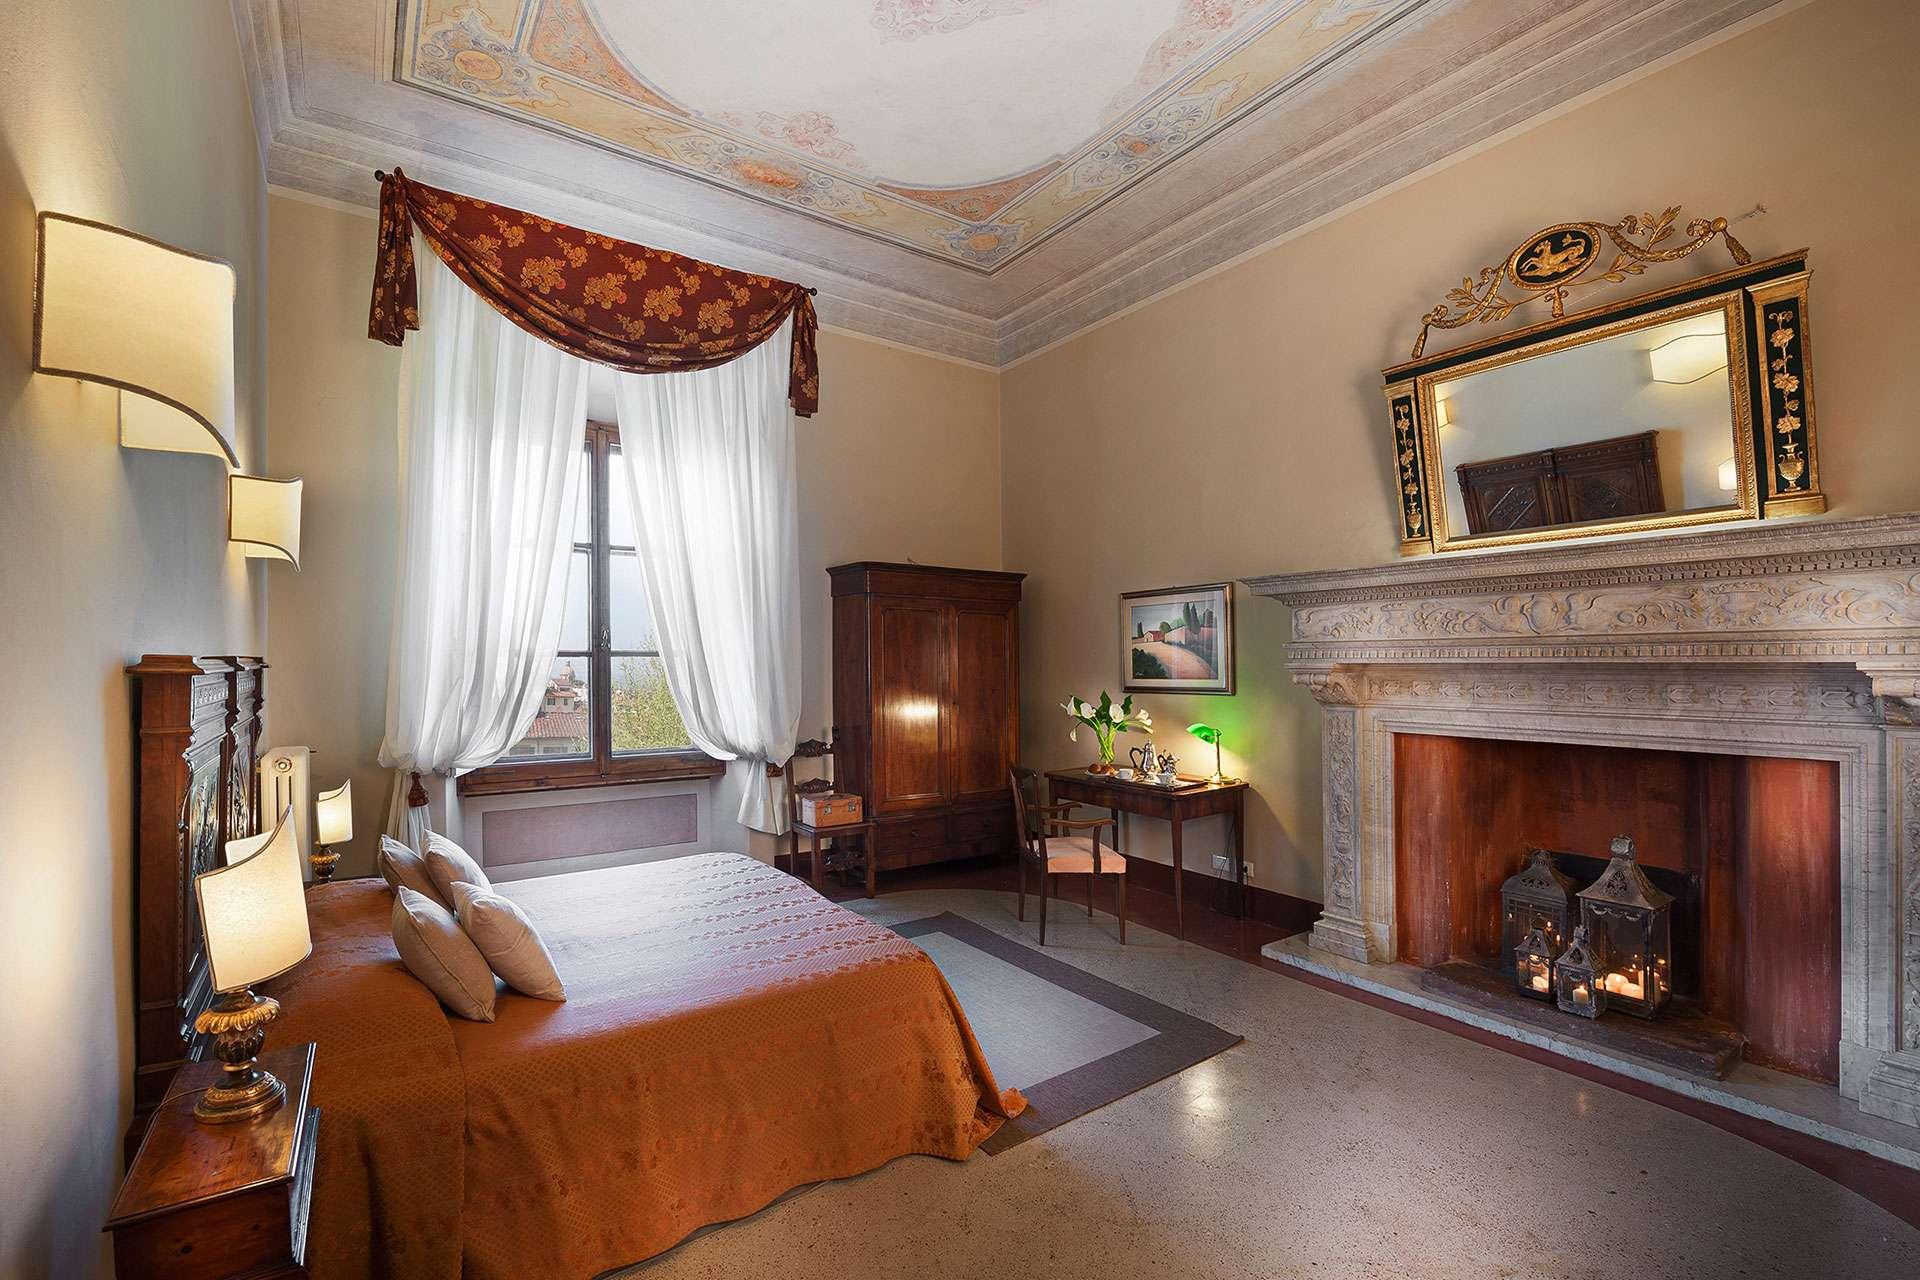 Palazzo_Guadagni54-1.jpg